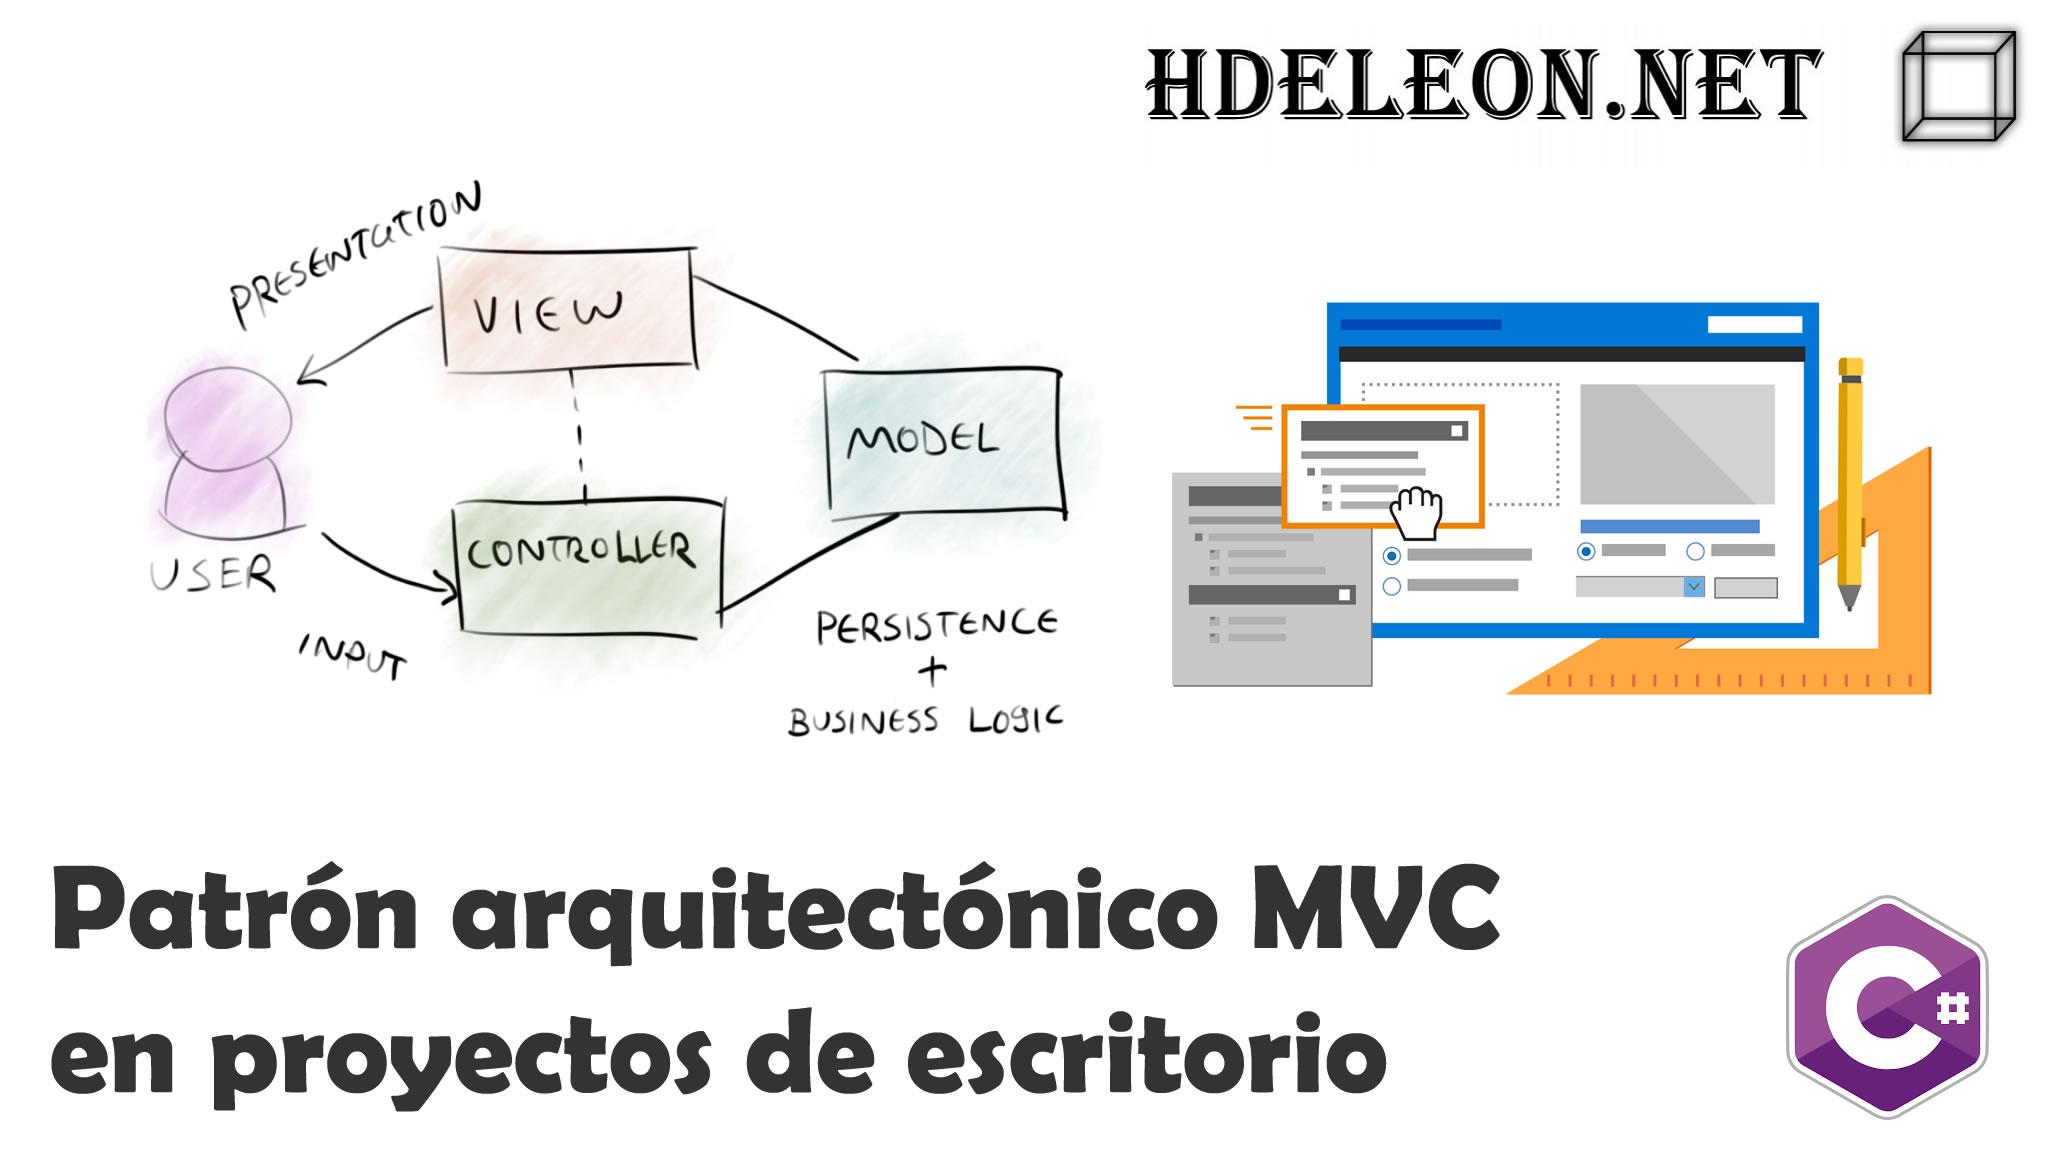 Patrón arquitectónico MVC en proyectos de escritorio, C# .Net Windows Forms